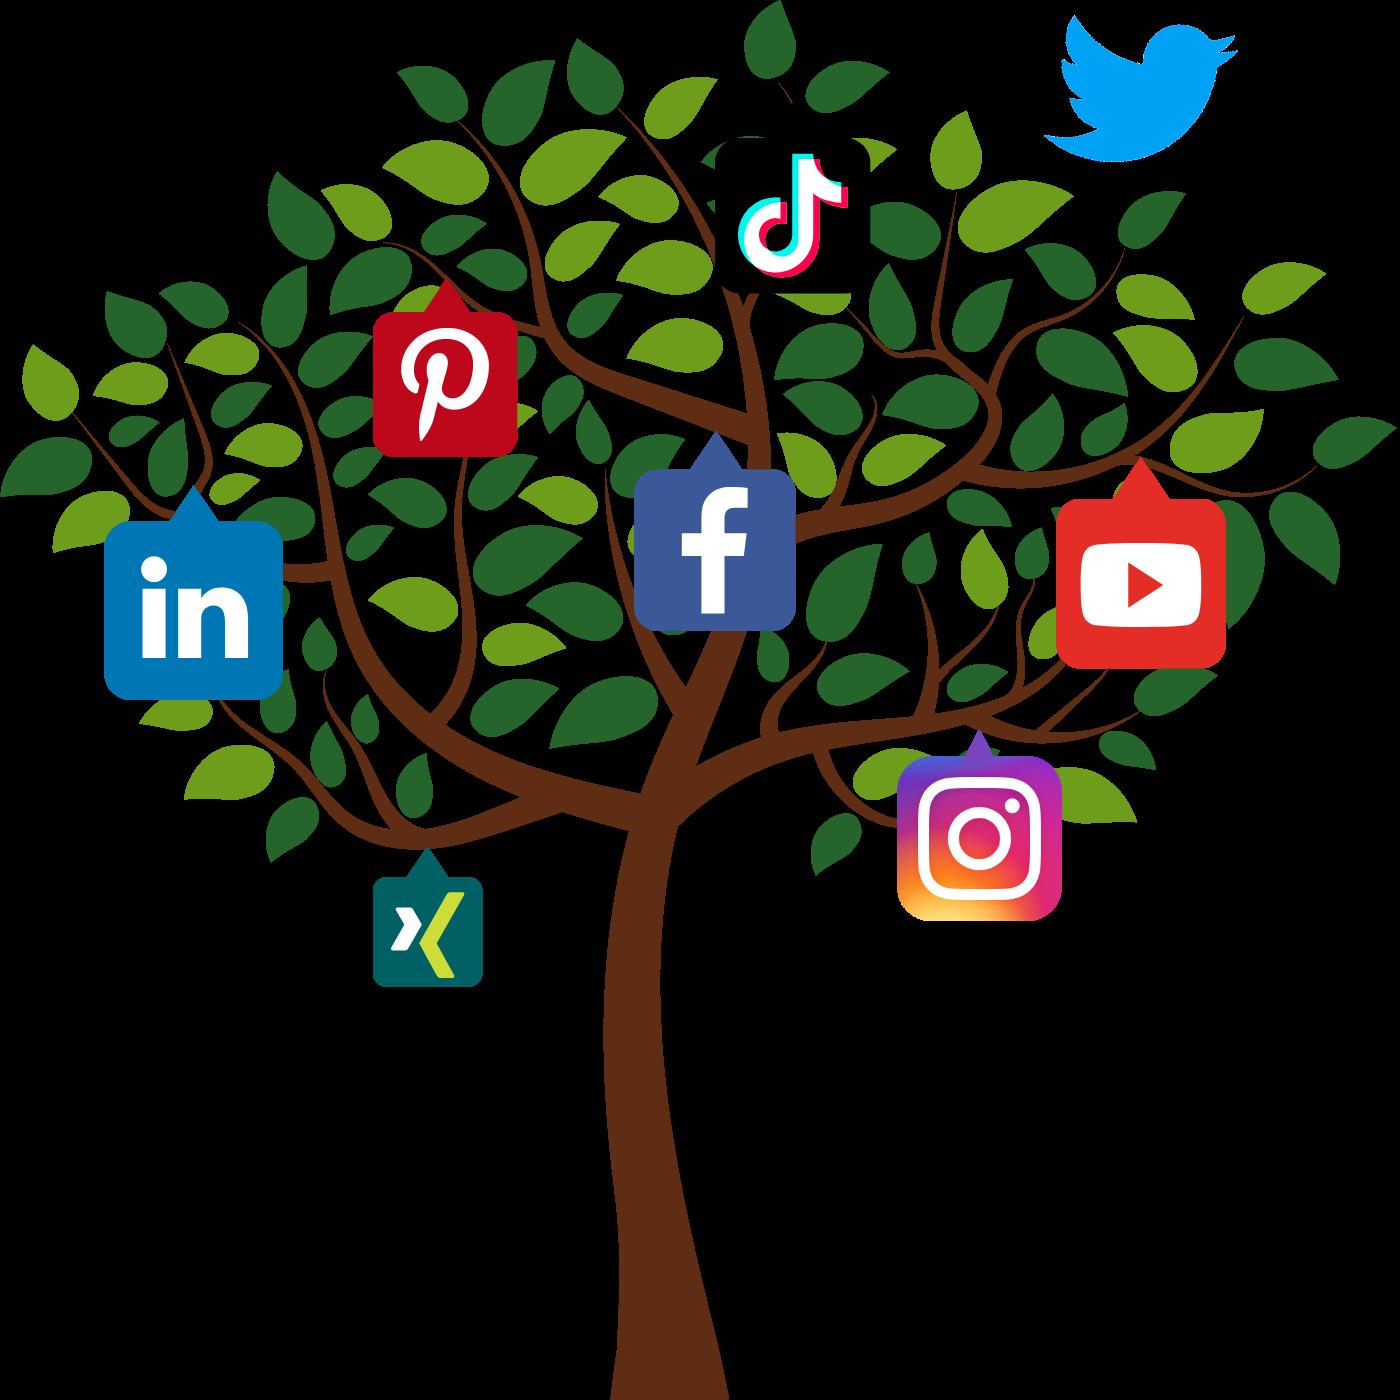 Social Media Marketing TrafficDesign